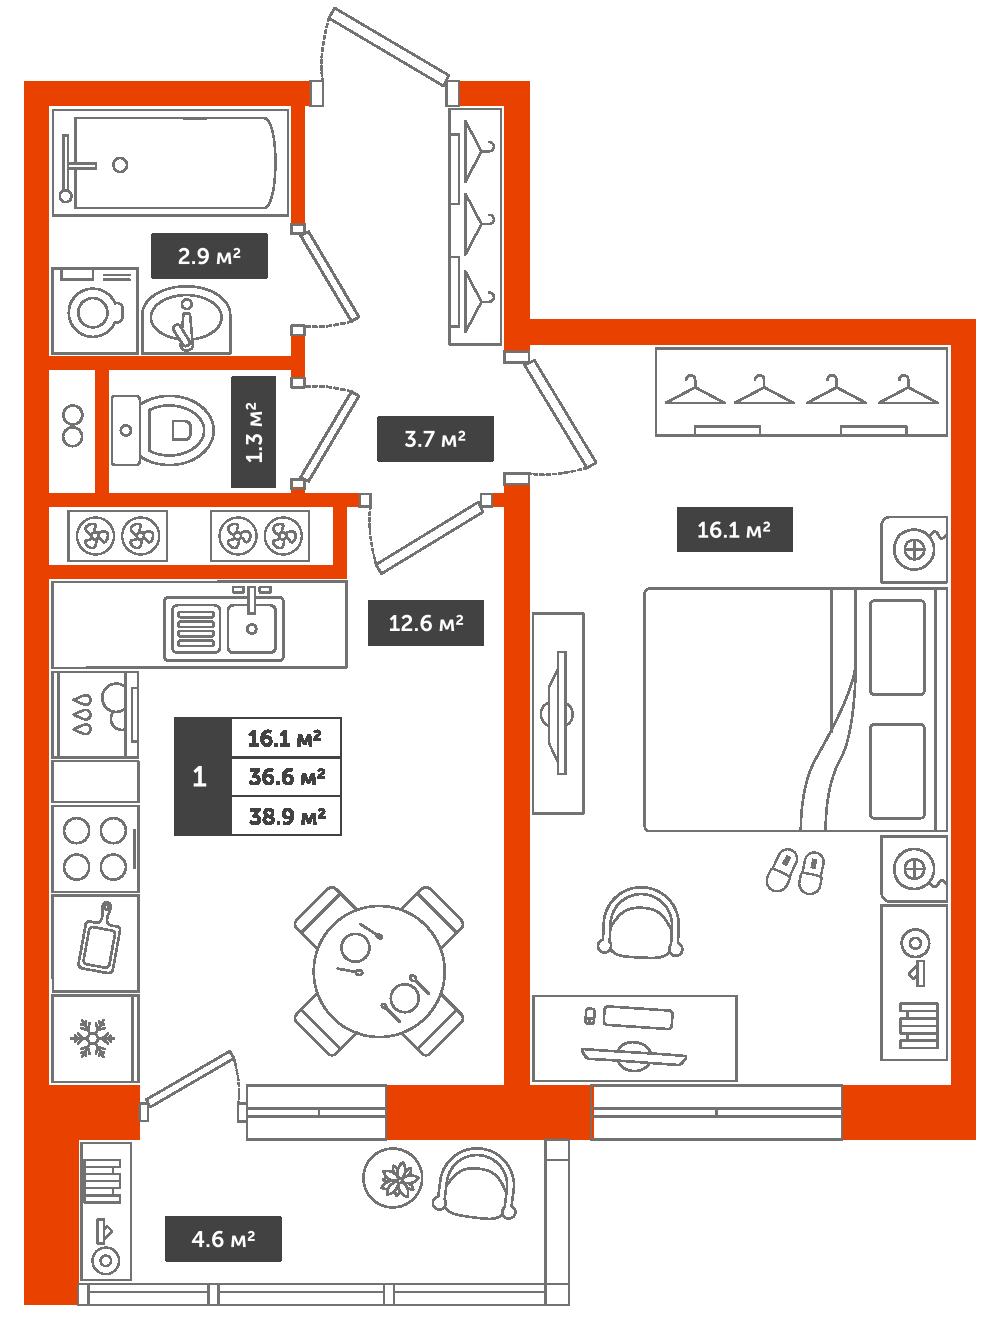 1-комнатная квартира, 38.9м² за 4,6 млн руб.